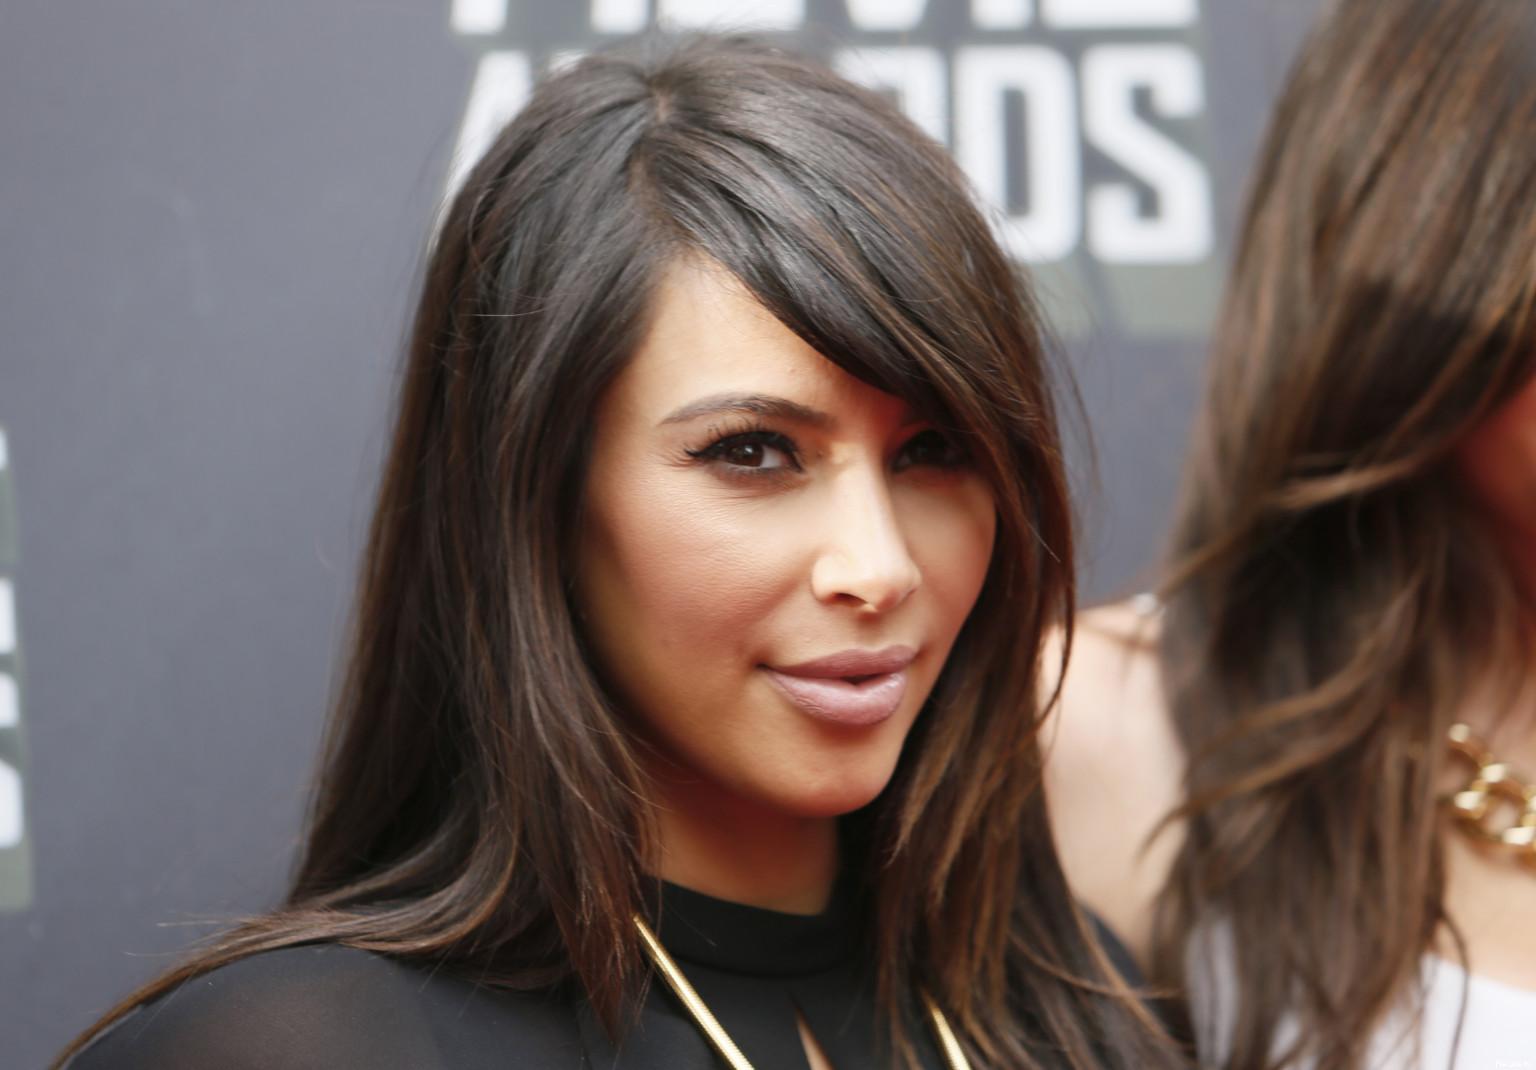 couleur cheveux kim kardashian #2